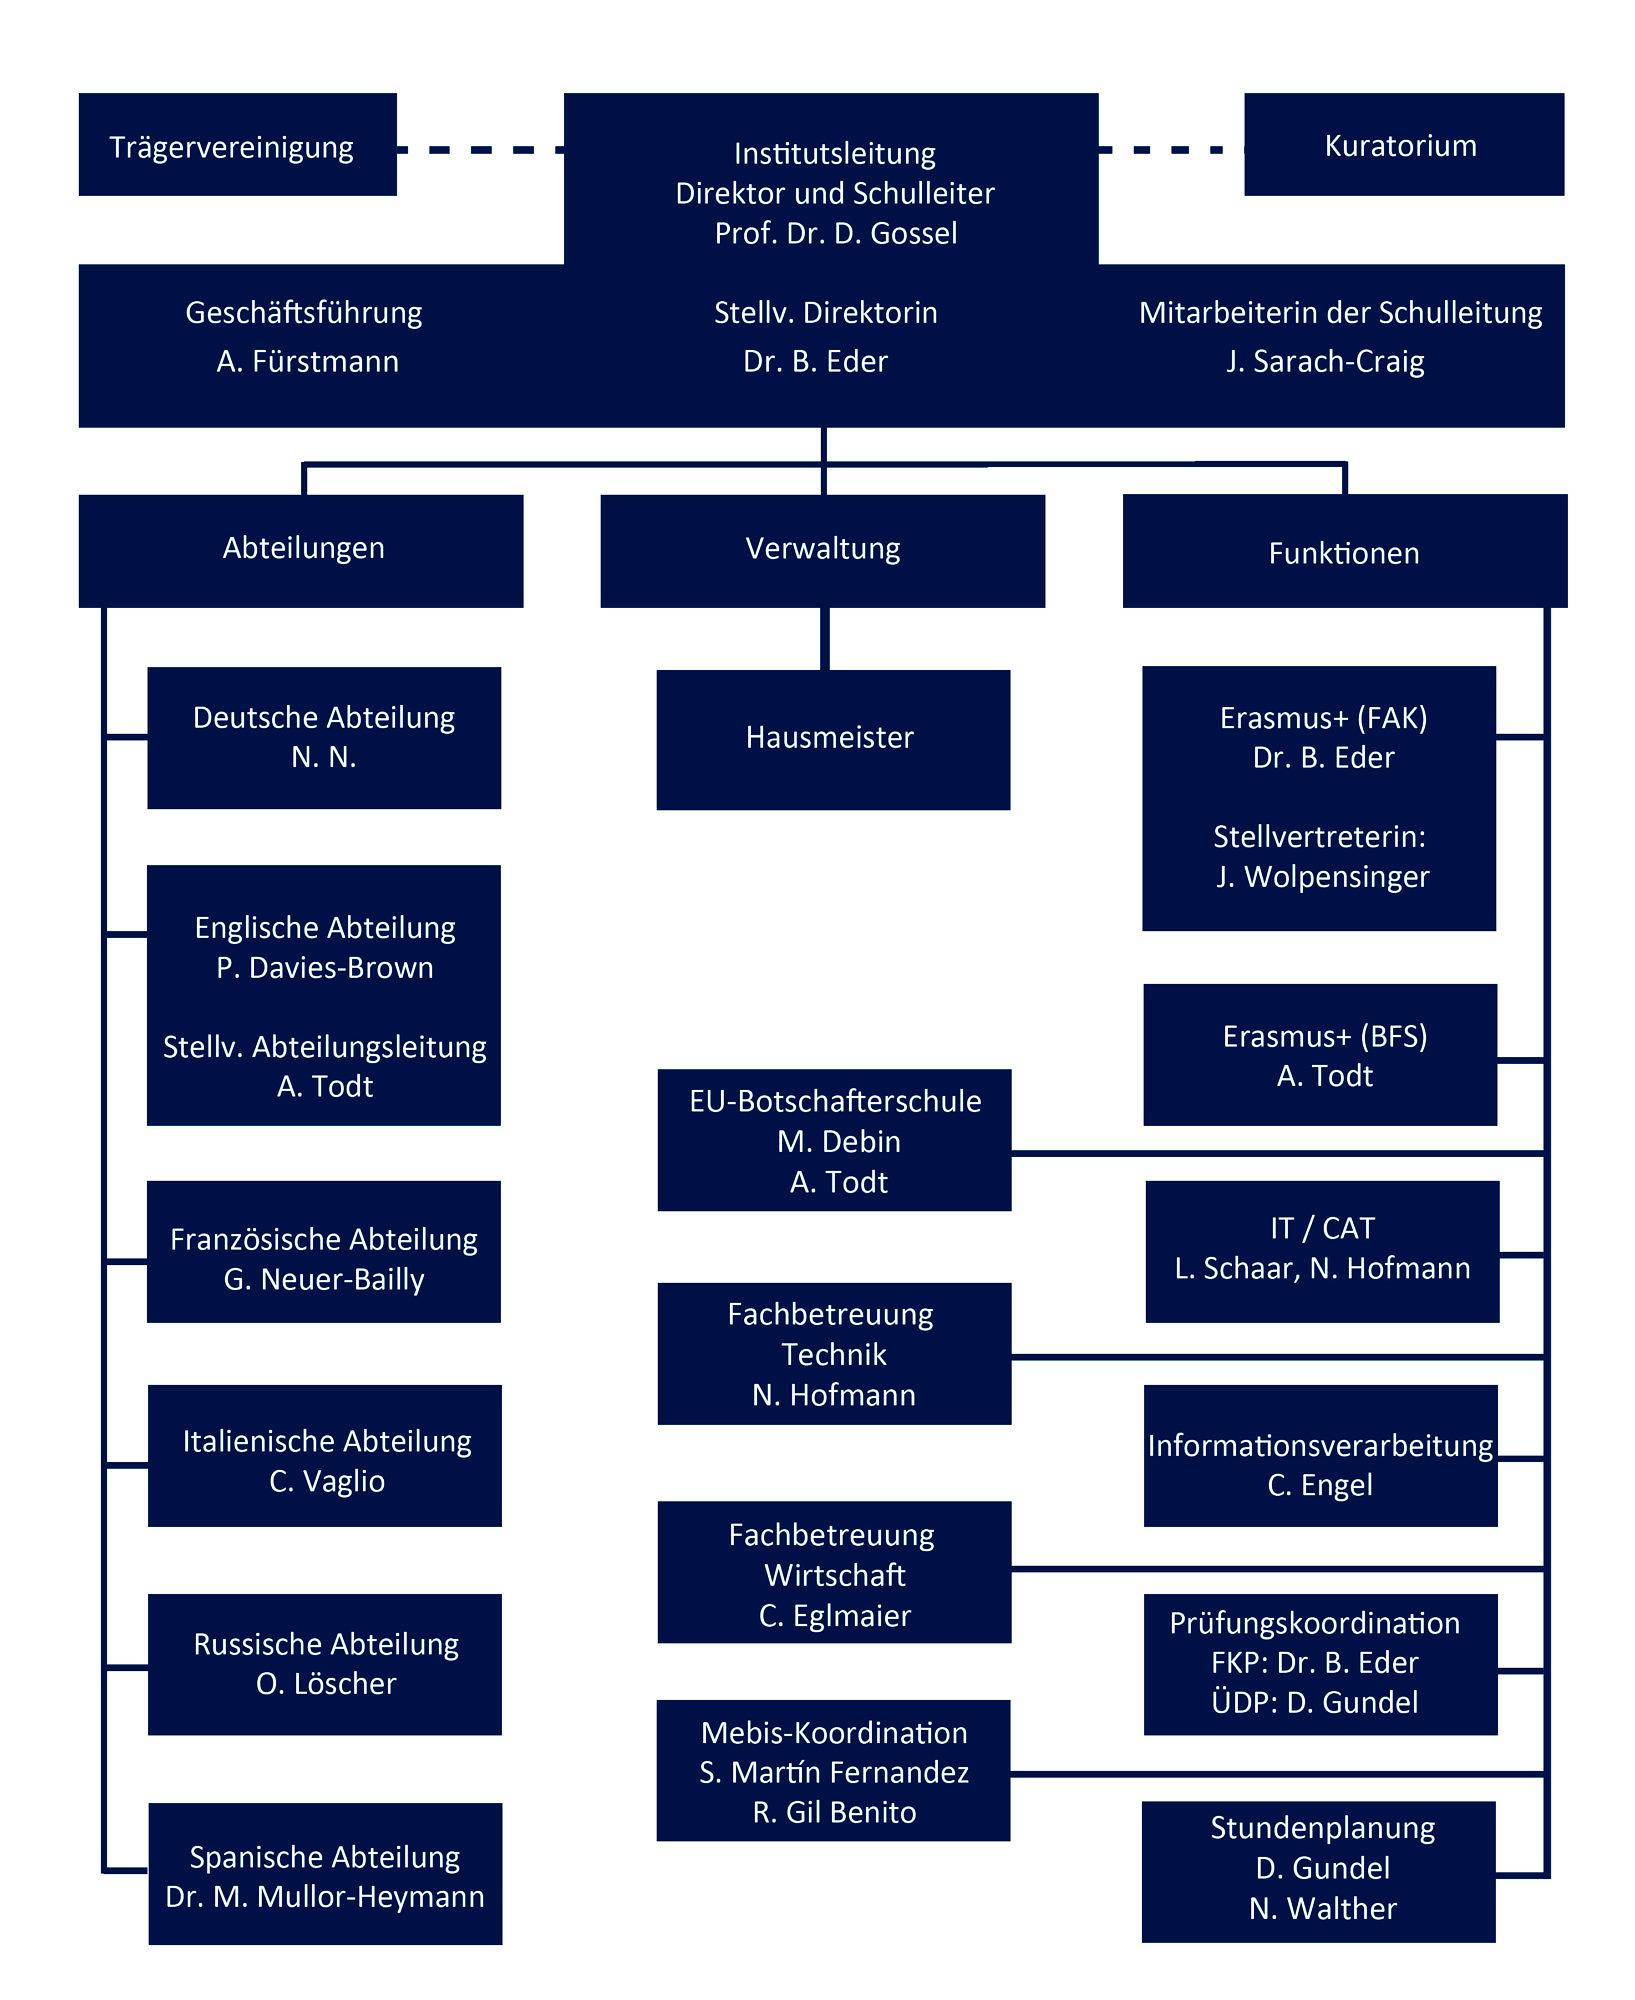 Dieses Organigramm beschreibt den Aufbau des Instituts inkl. Ansprechpartner*innen